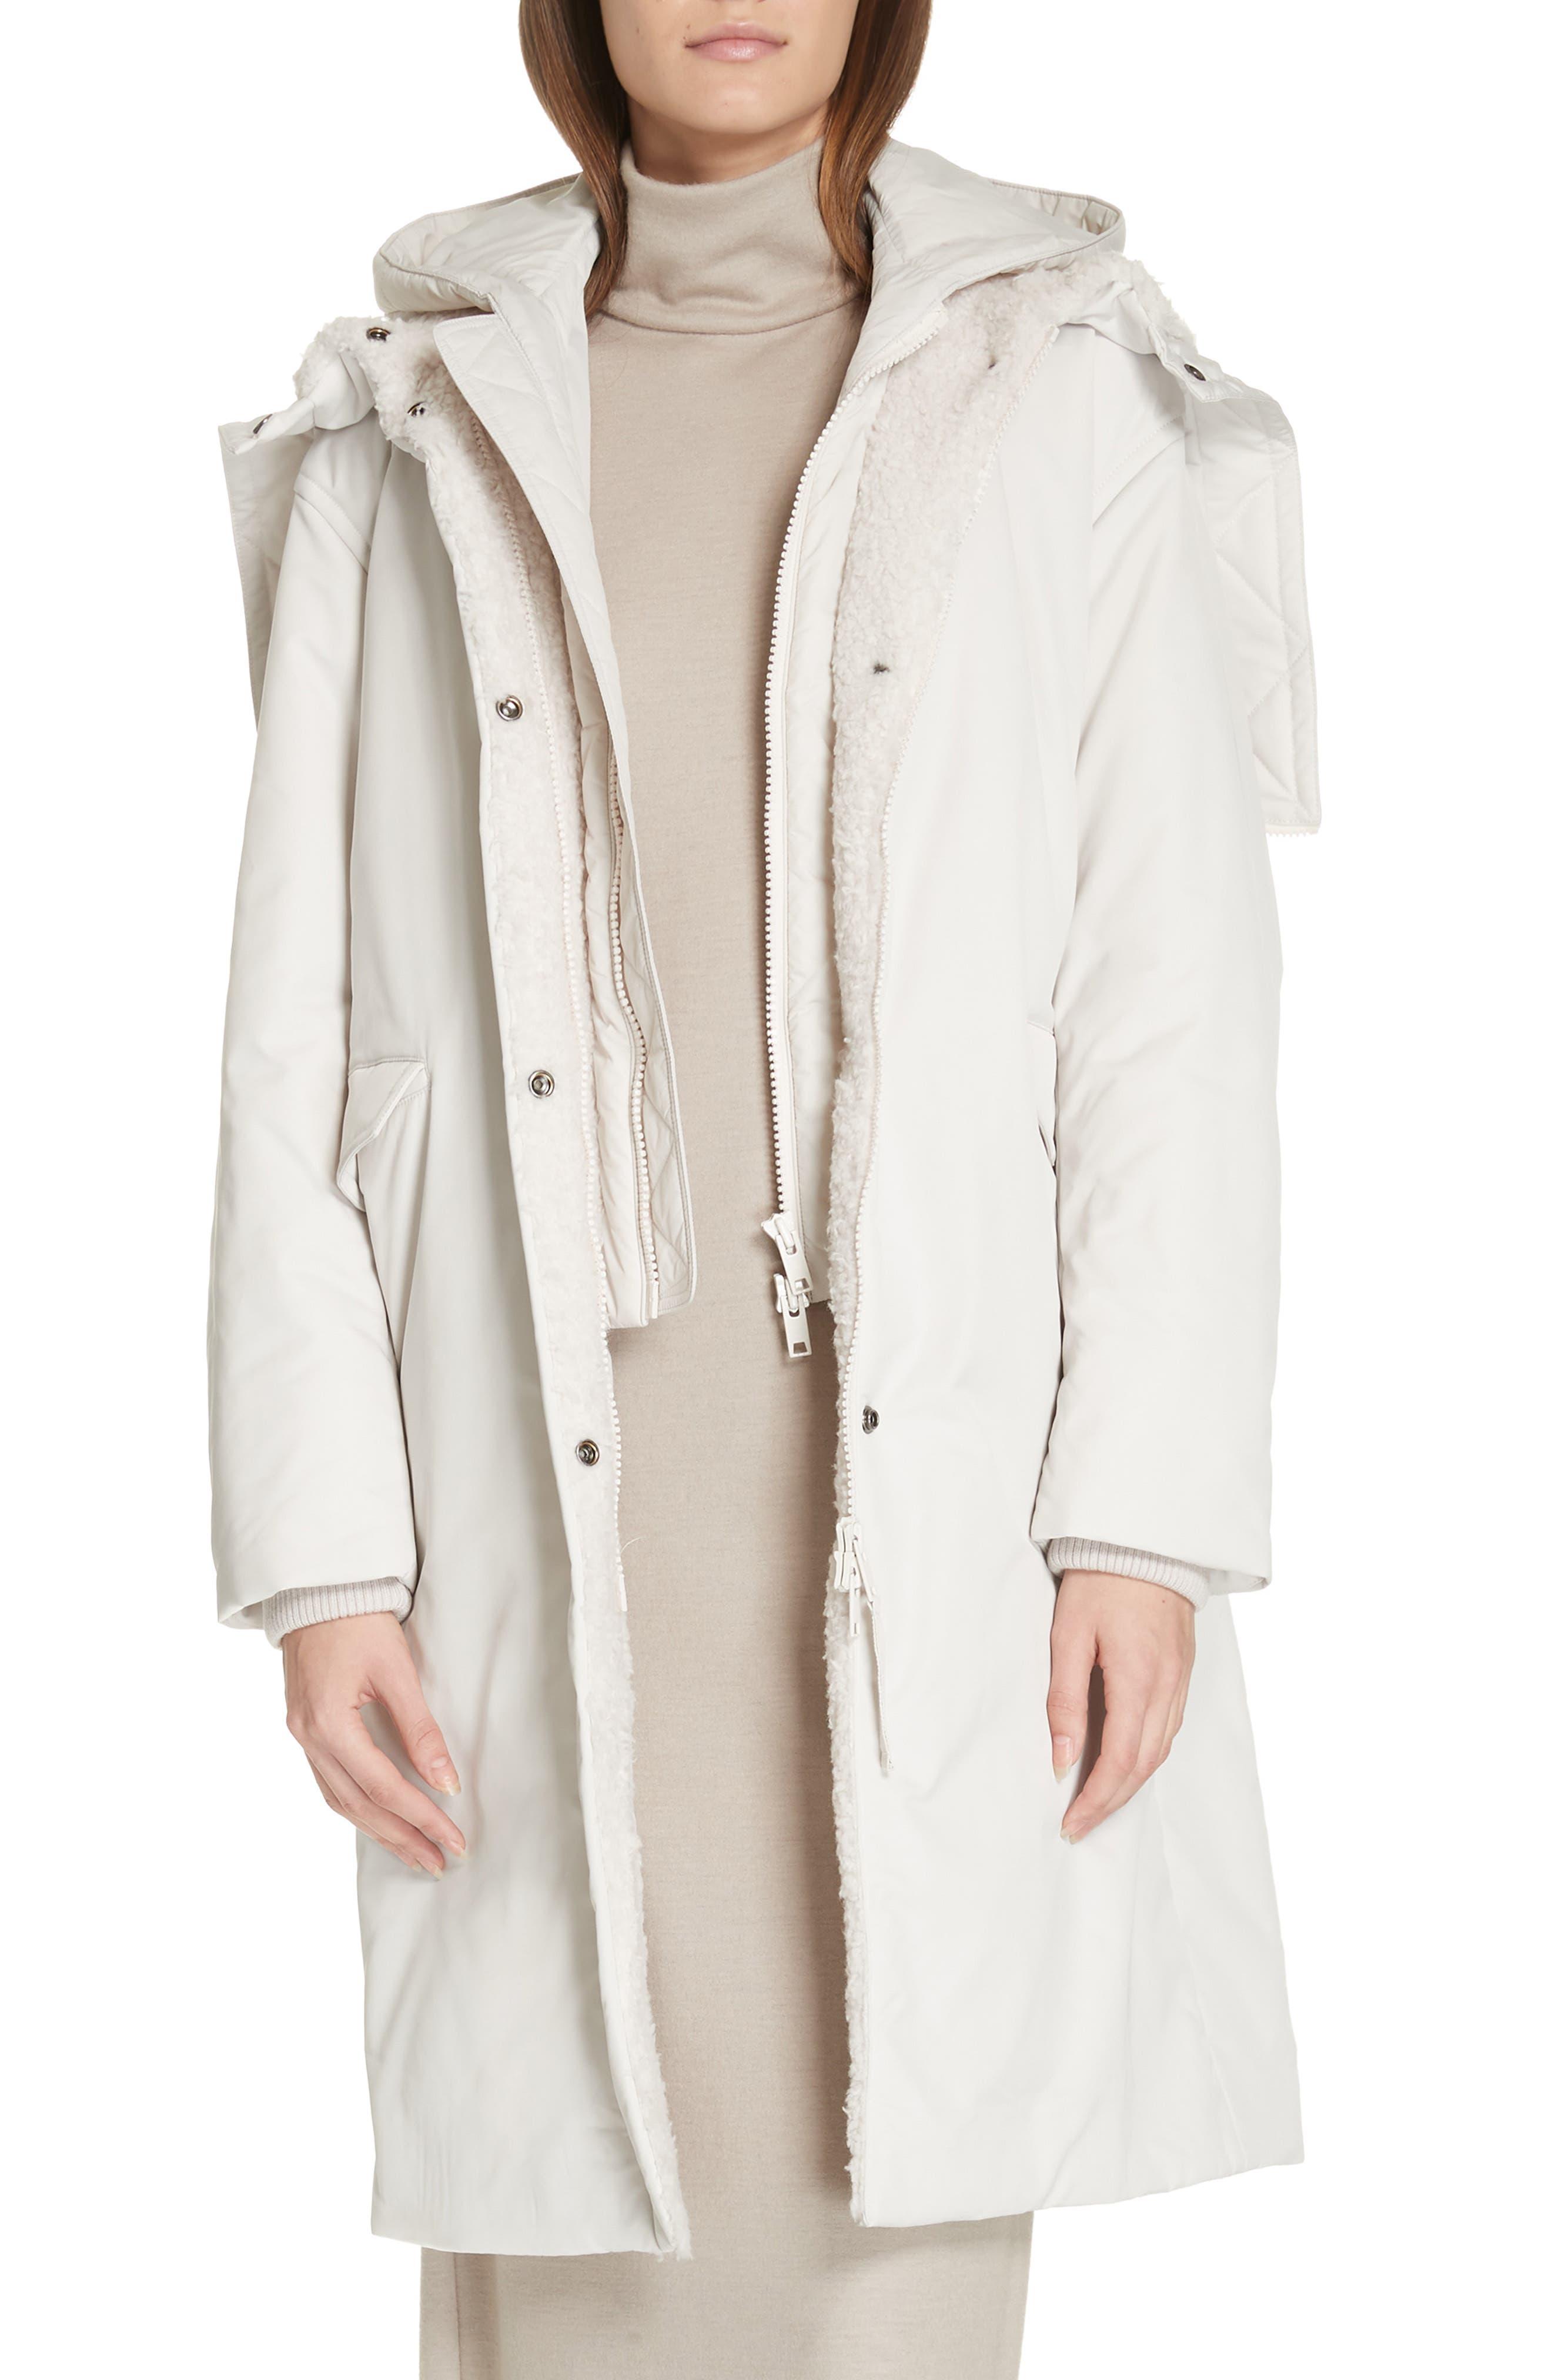 VINCE, Faux Fur Trim Puffer Coat, Main thumbnail 1, color, LUCITE